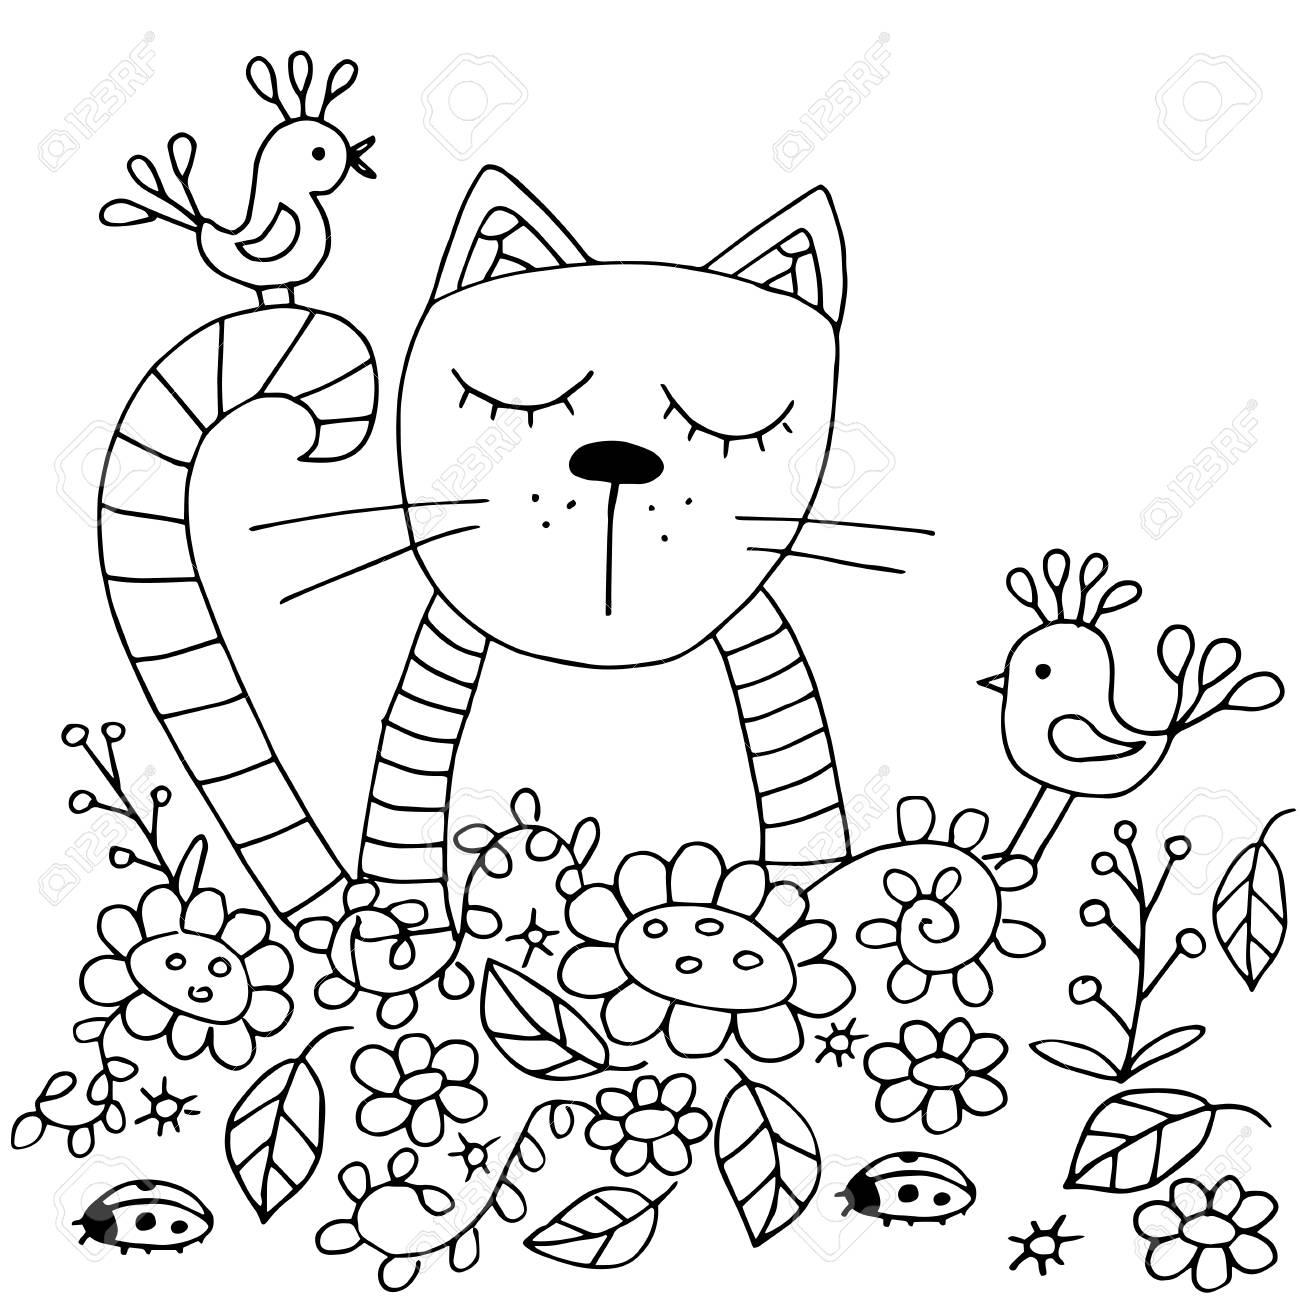 Pagine Da Colorare Originali Di Alta Qualità Per Adulti E Bambini Il Gatto E Gli Uccelli